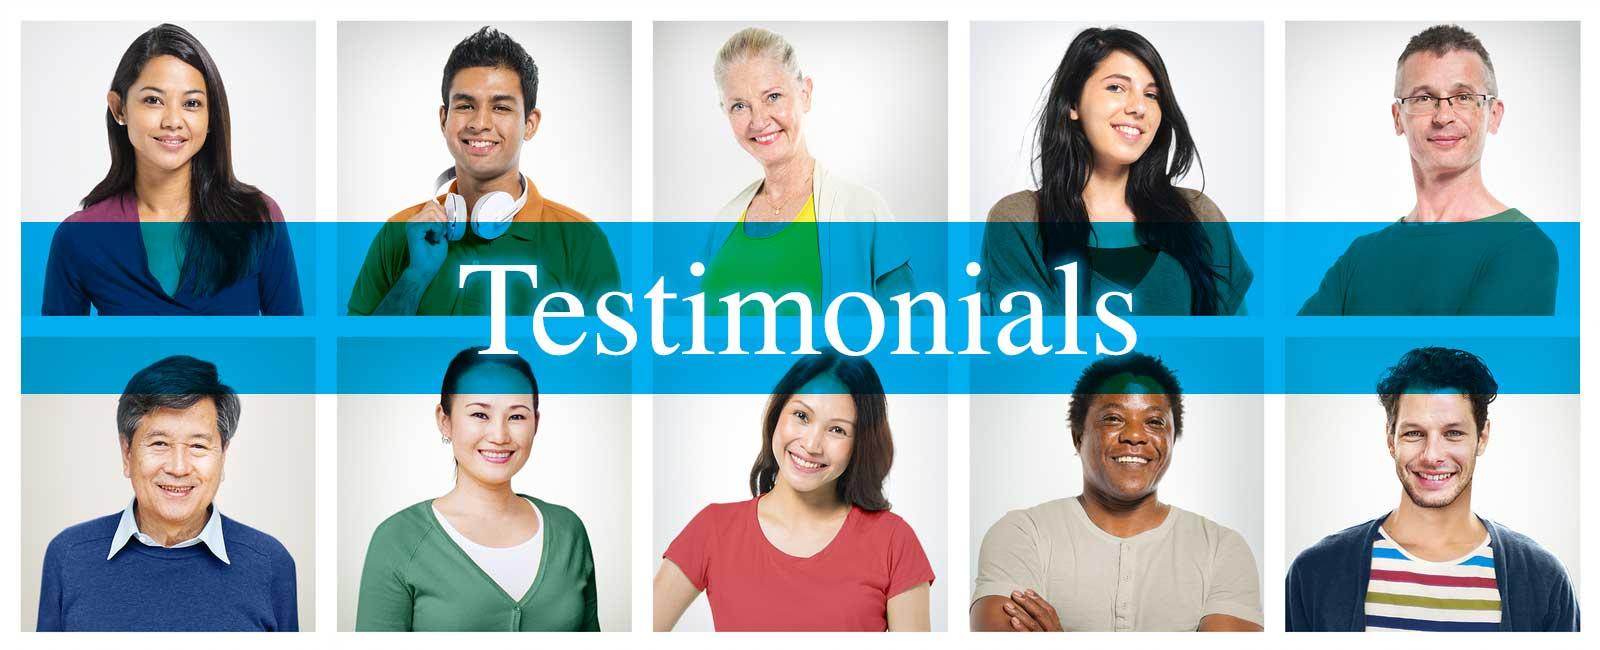 Rentals Testimonials 608d44c679115bc36b953693cd4d4a71